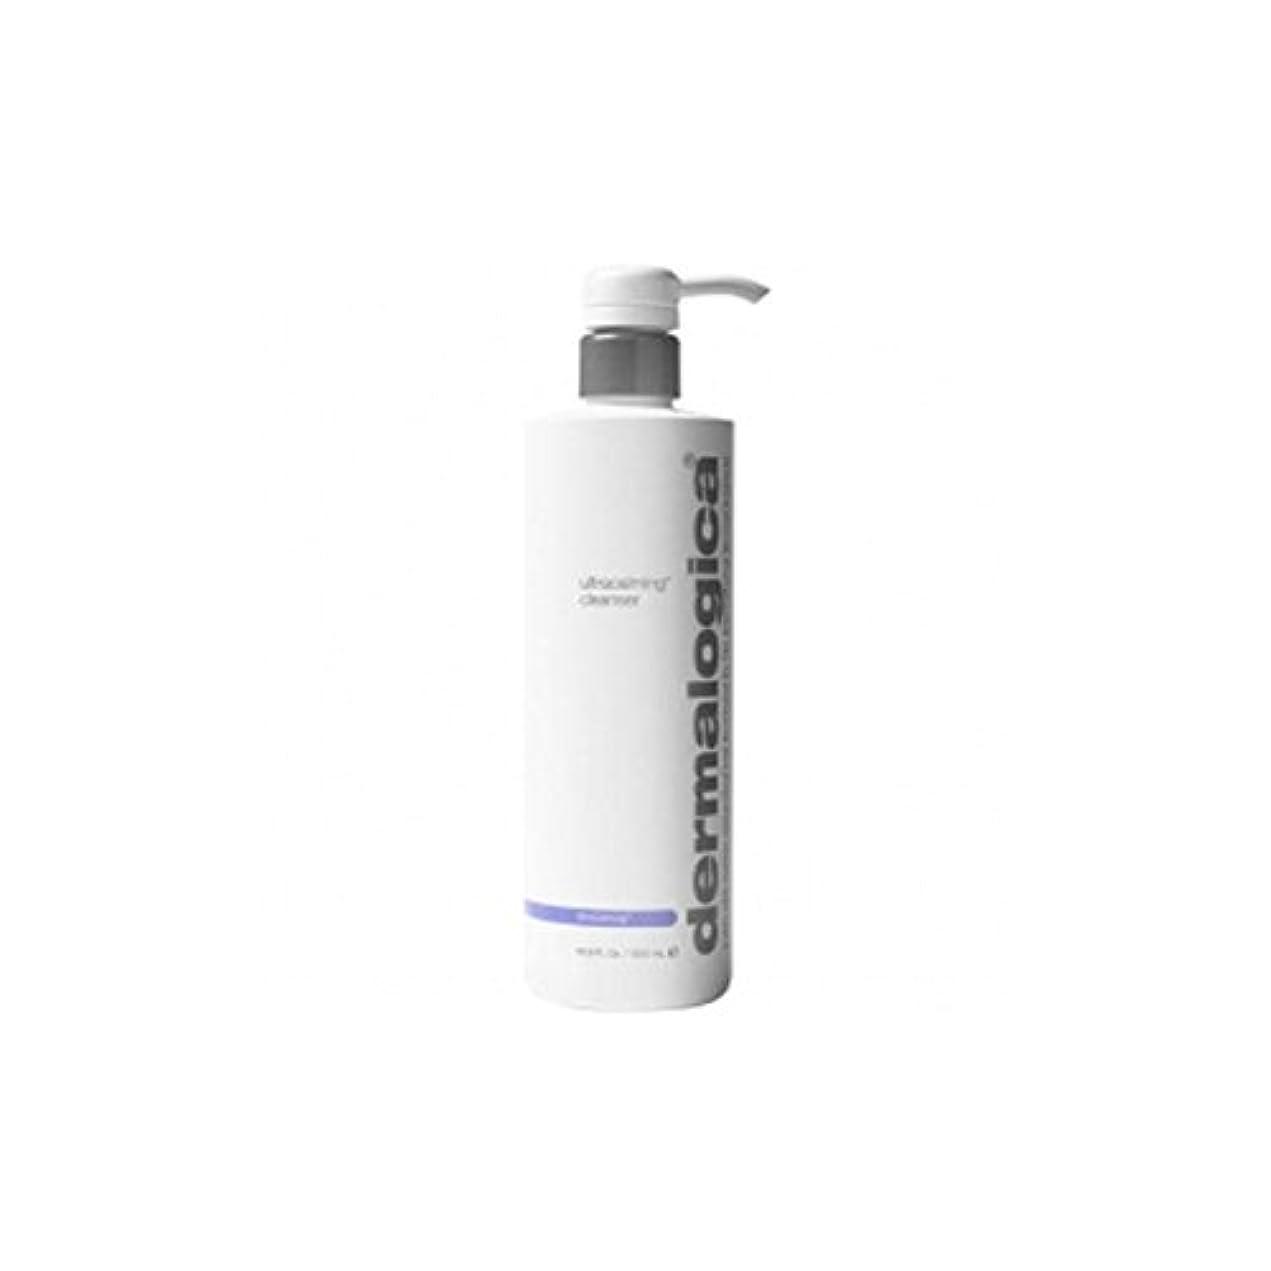 船恐ろしい手数料ダーマロジカクレンザー(500ミリリットル) x4 - Dermalogica Ultracalming Cleanser (500ml) (Pack of 4) [並行輸入品]